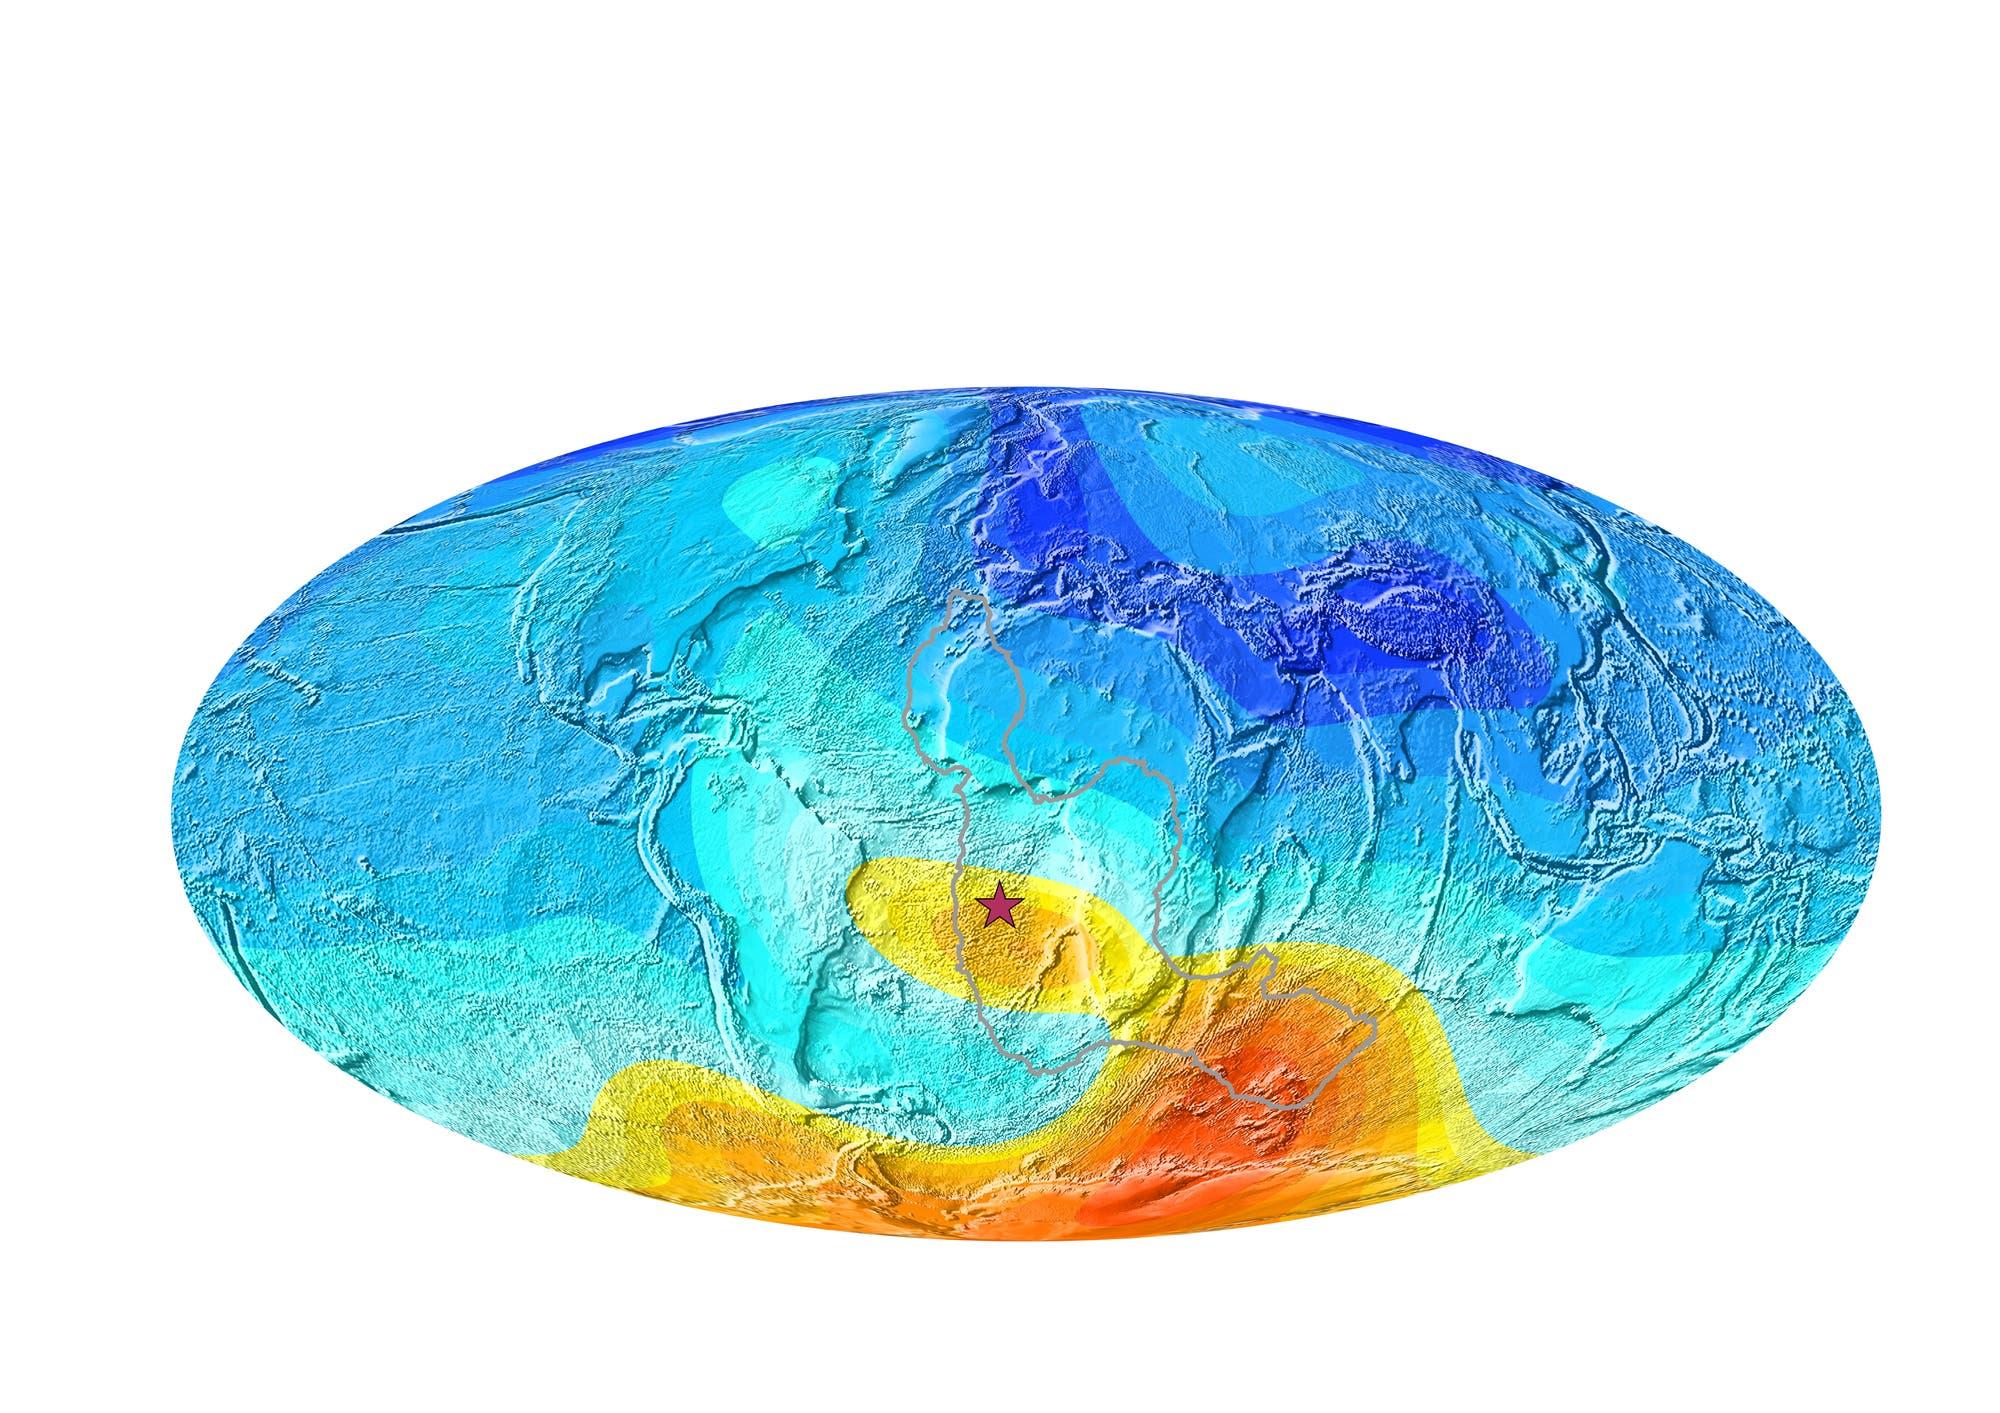 Erdmagnetfeld (Abweichung von einem klassischen Dipolfeld)